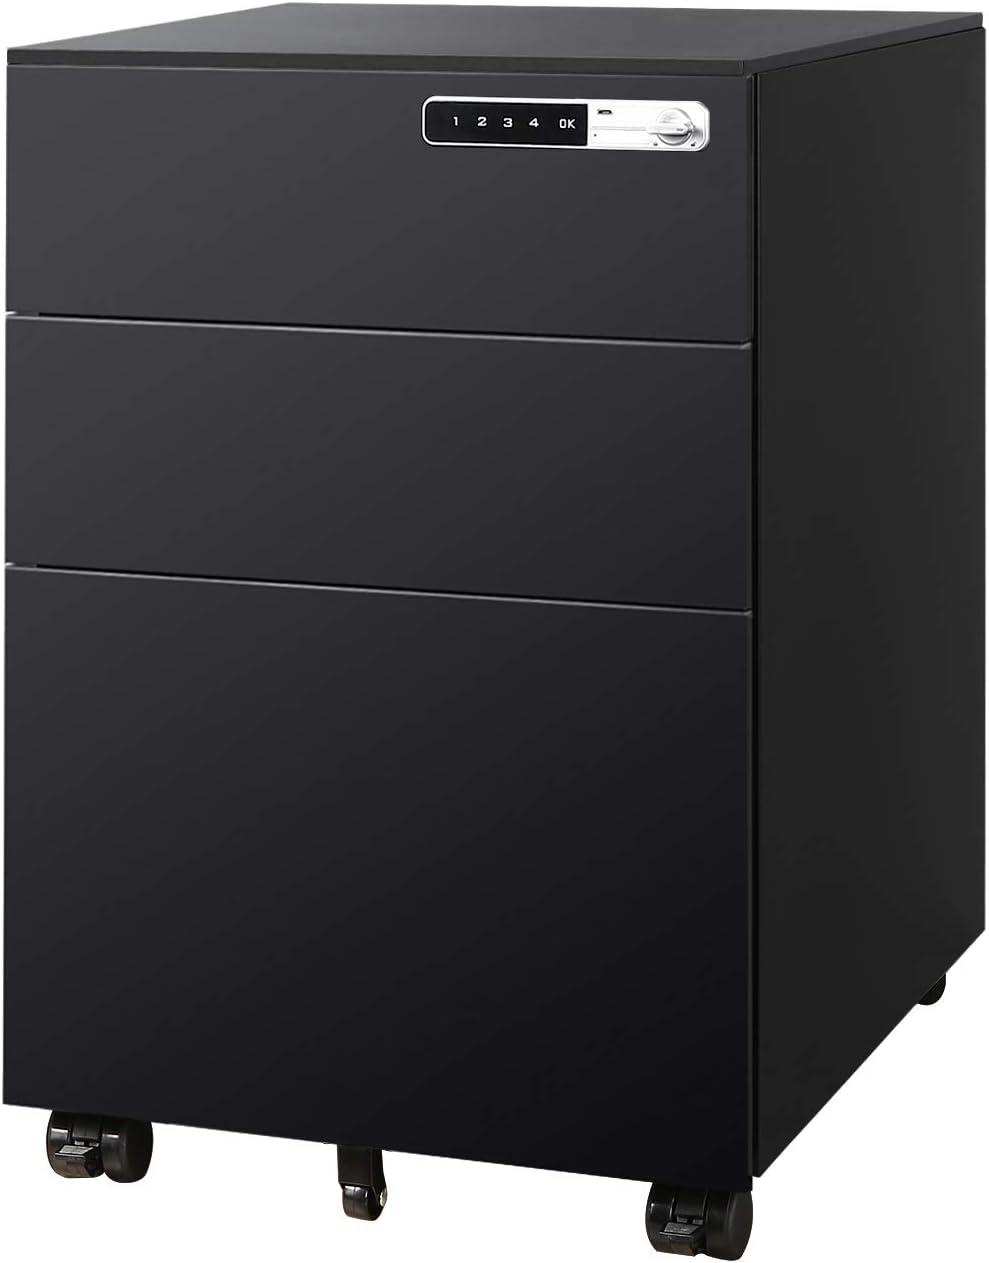 DEVAISE 3-Drawer Mobile File Cabinet with Smart Lock, Pre-Assembled Steel Pedestal Under Desk, Black